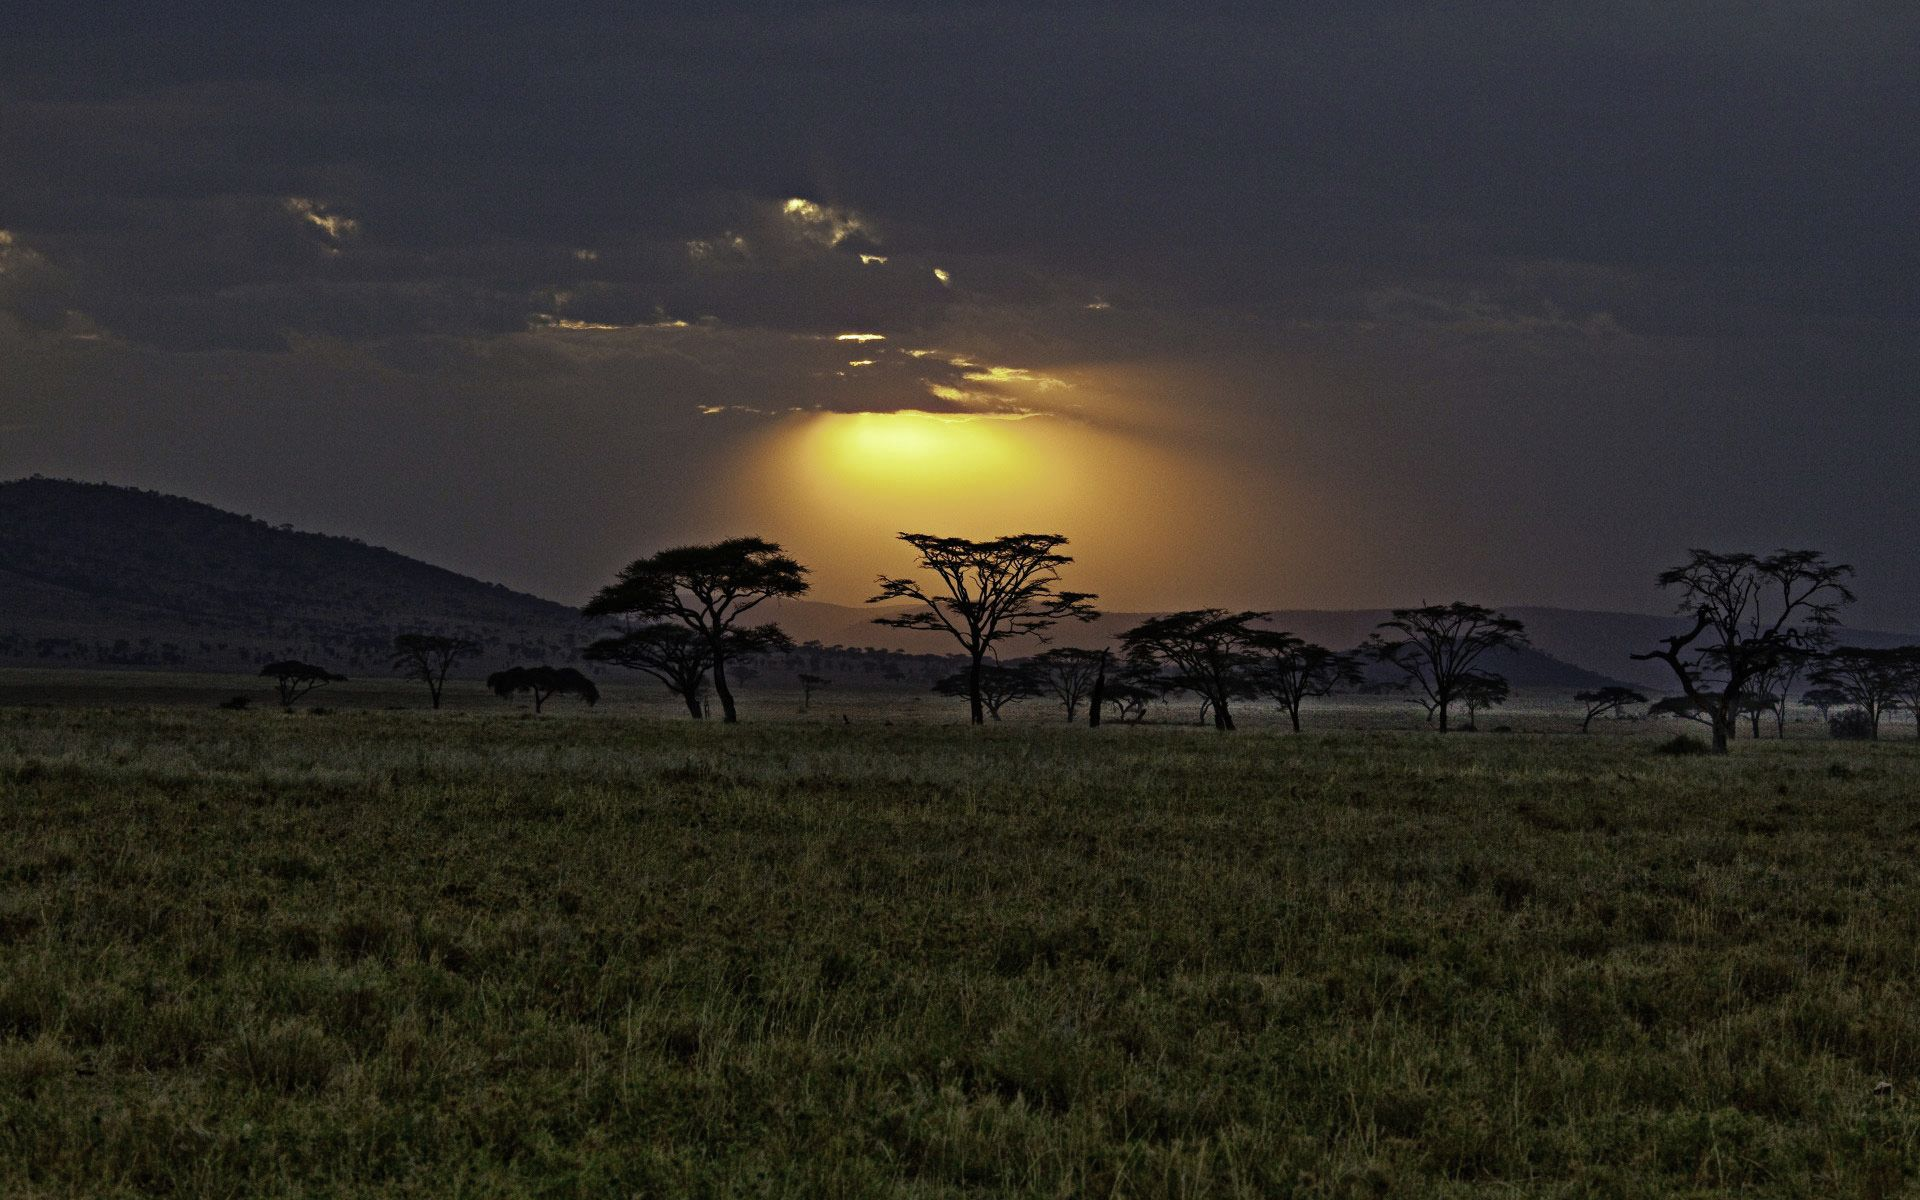 Одно из самых красивых мест на Земле - кенийская саванна ...